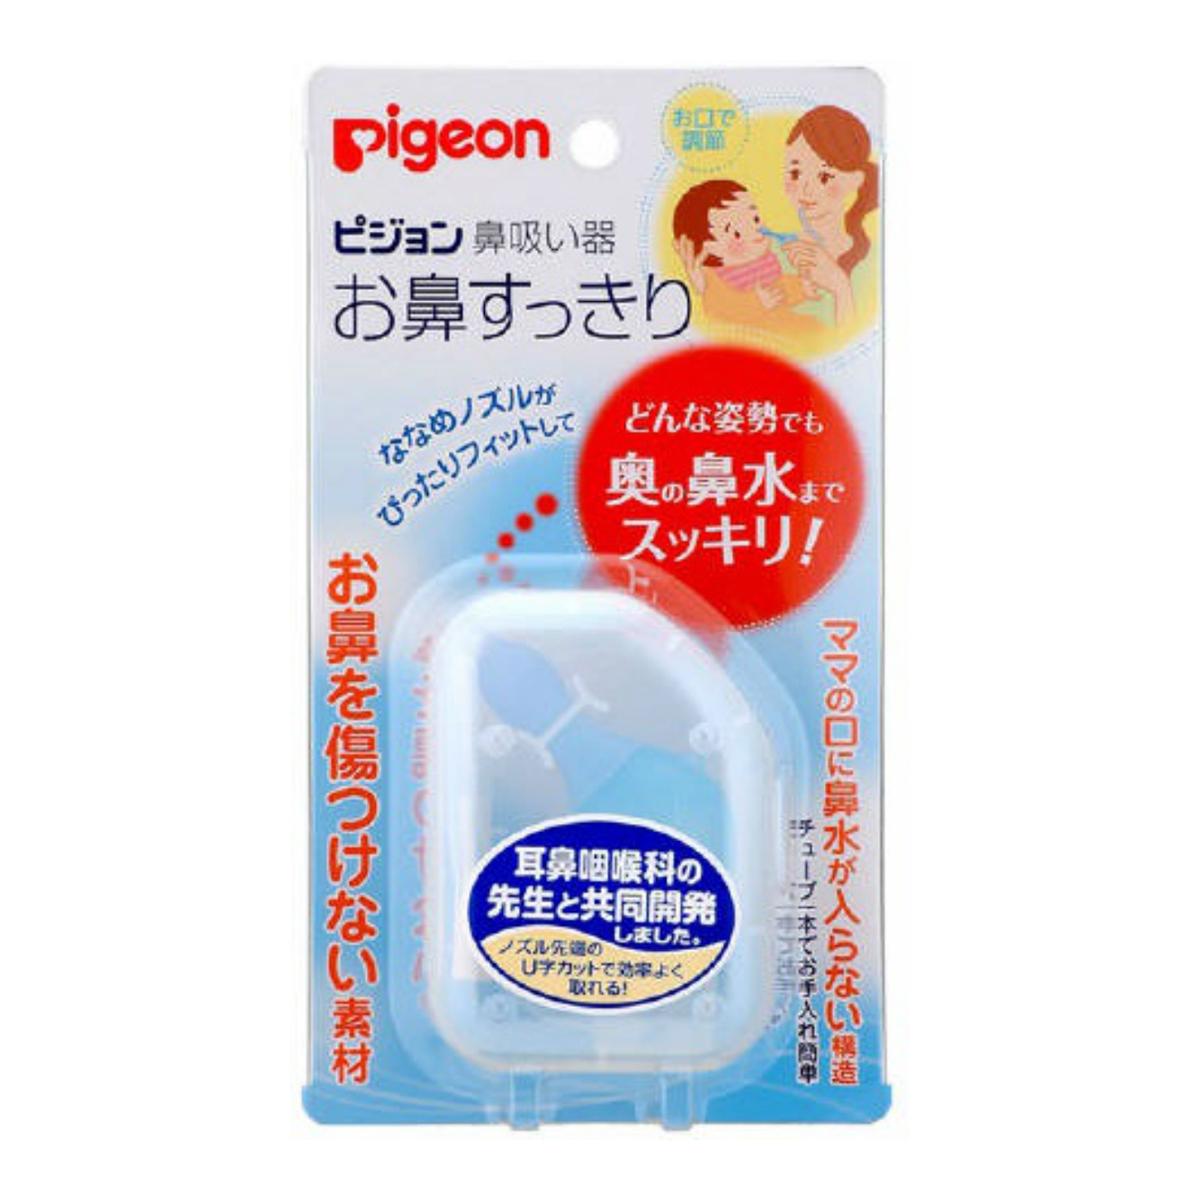 【40個で送料無料】ピジョン ピジョン 鼻吸い器 お鼻すっきり ×40点セット ( 4902508103091 )